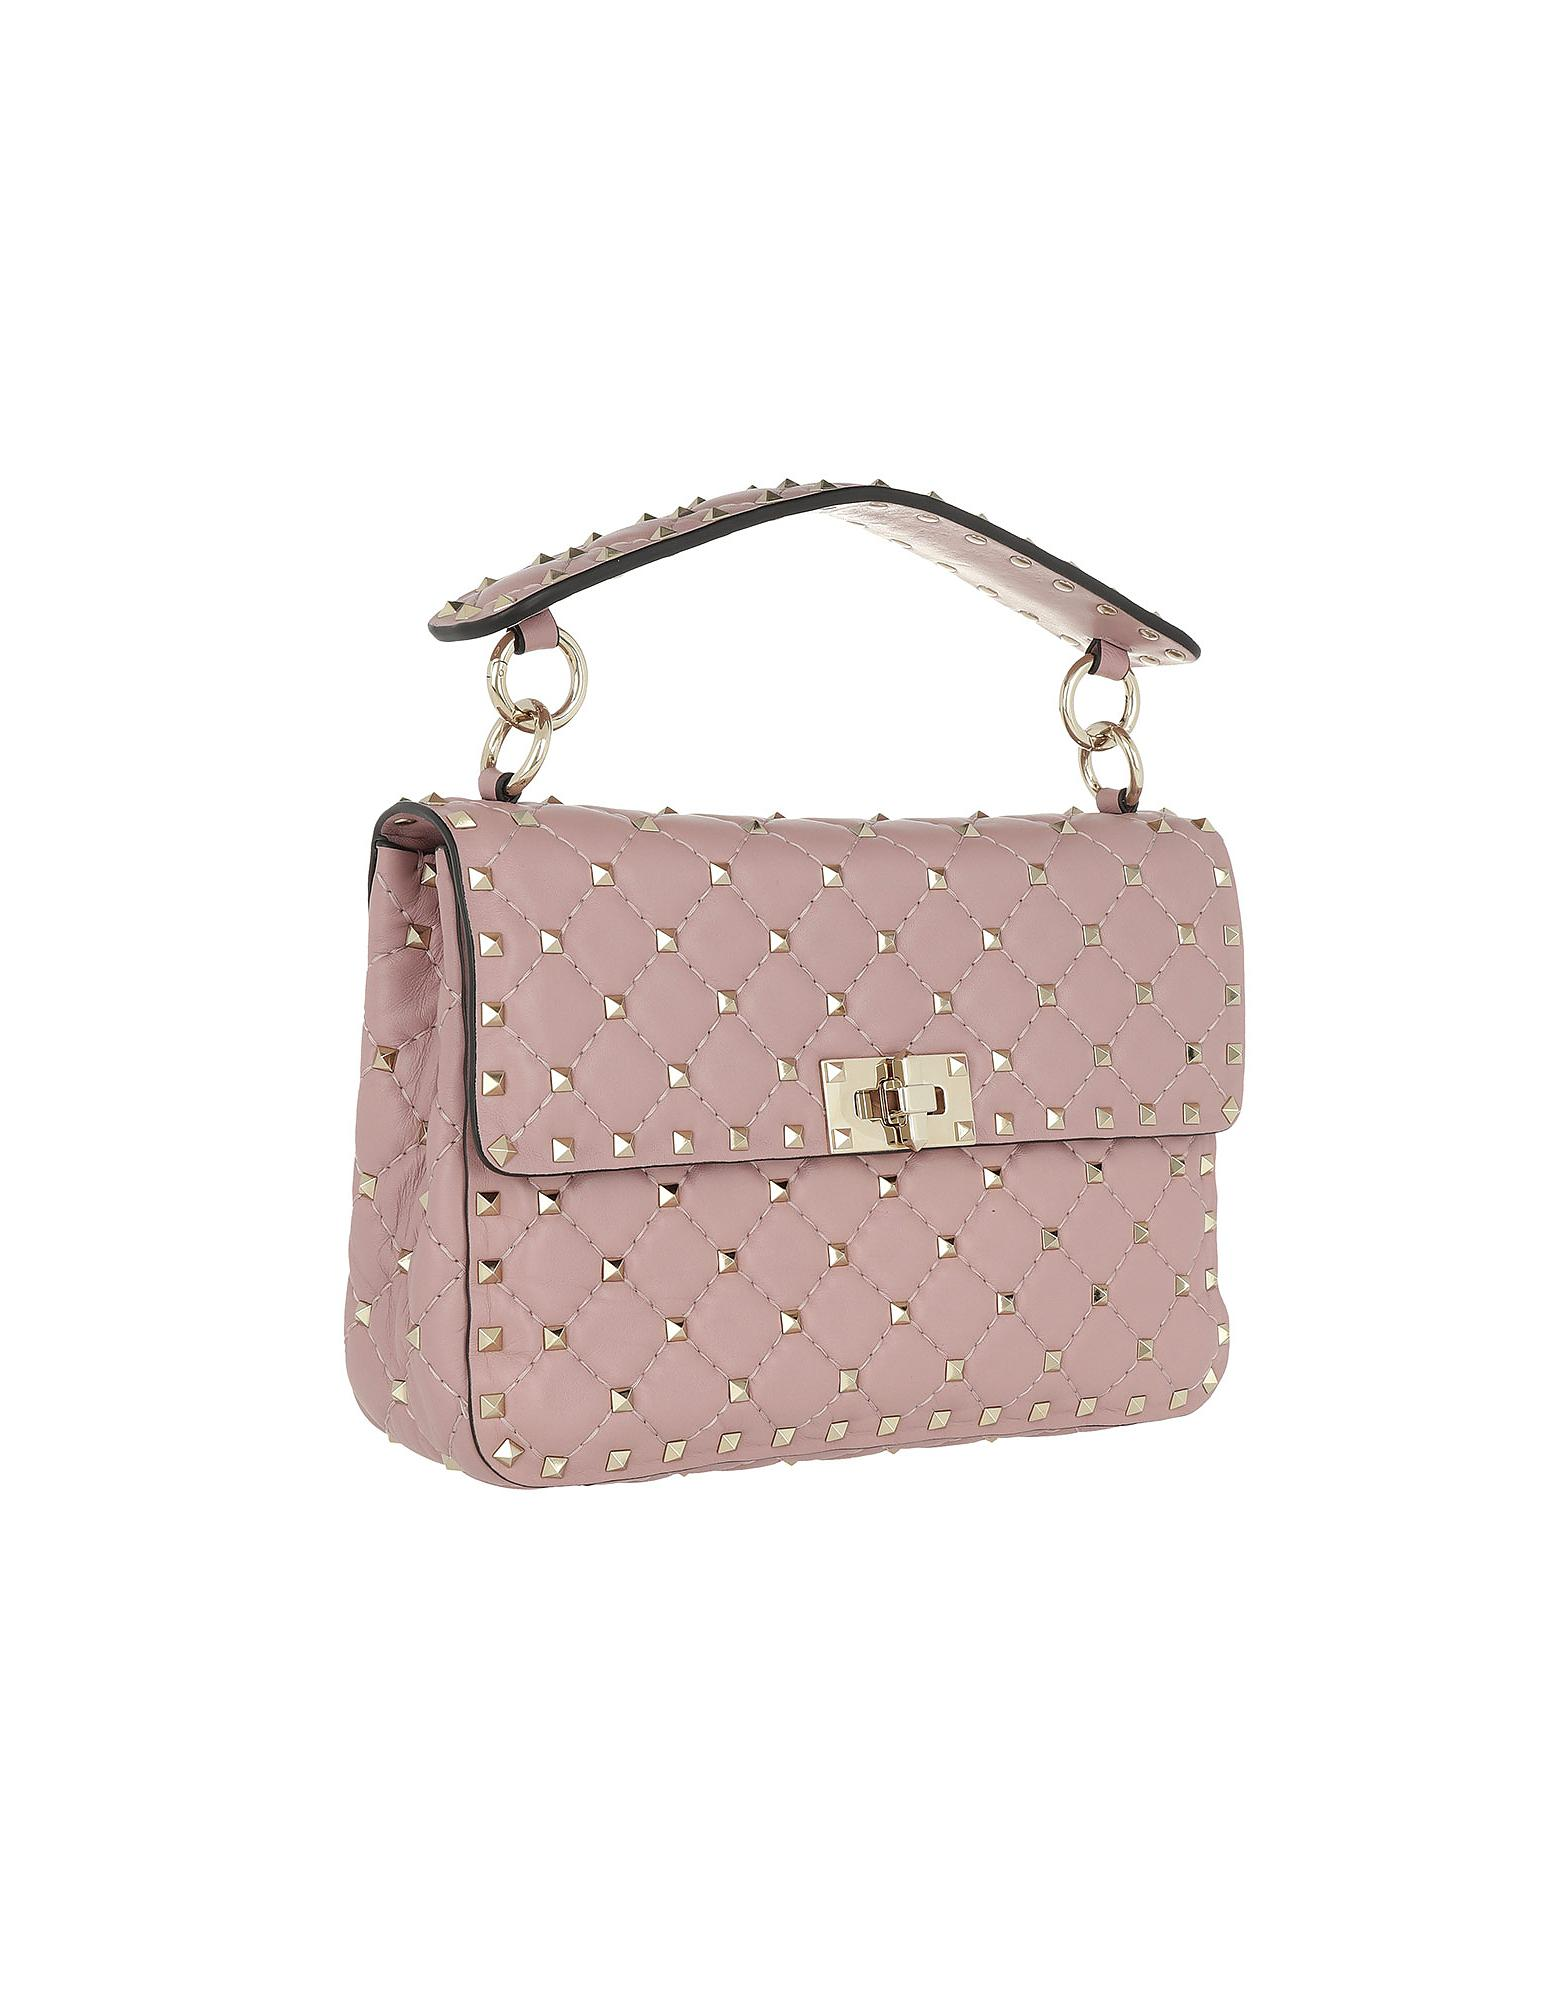 4556f5075c0a Valentino Rockstud Spike Crossbody Bag Nappa Lip in Pink - Lyst